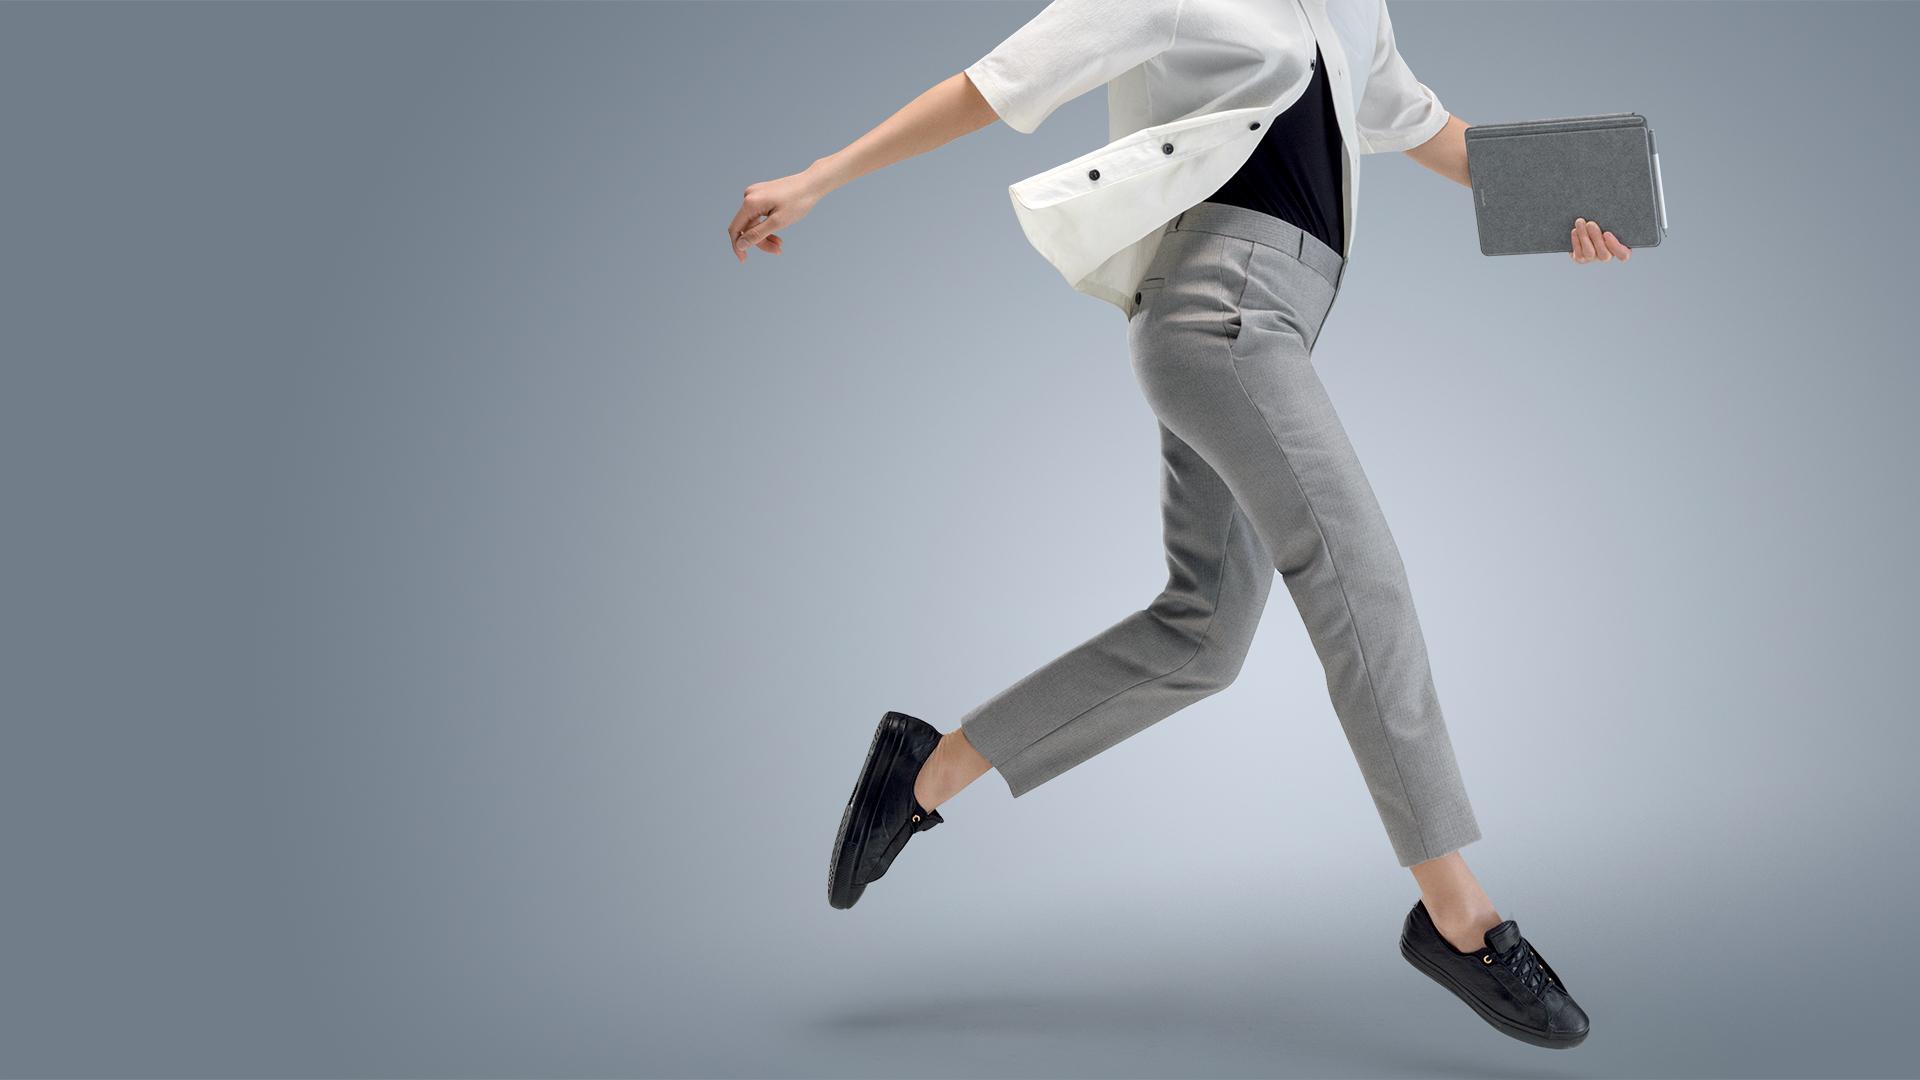 Eine Frau springt, während sie das Surface Go im Tablet-Modus in einer Hand hält